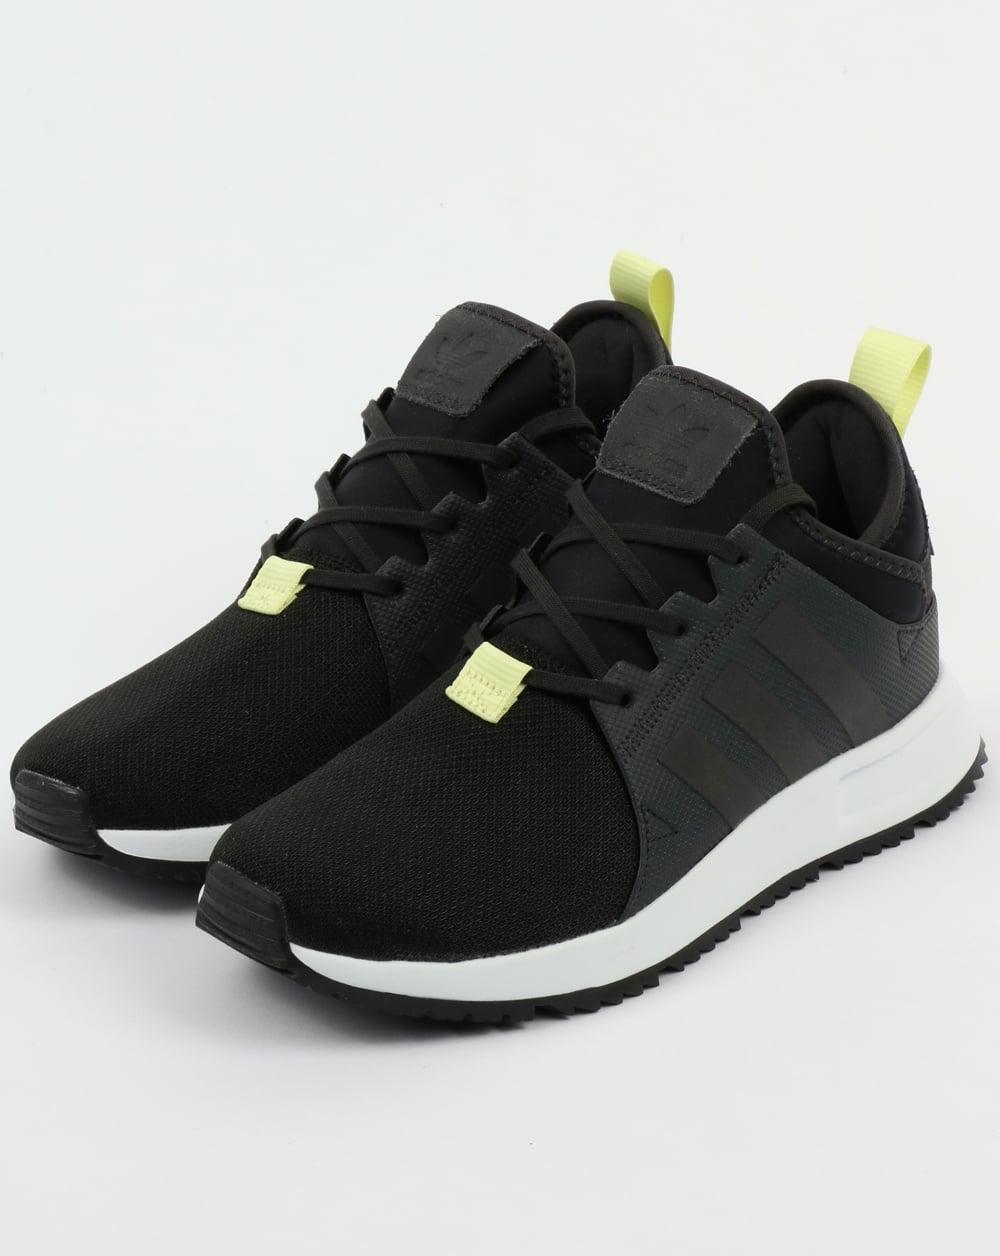 Carbon Black Metallic: Adidas XPLR Snkrboot Carbon/Black/White,originals,shoes